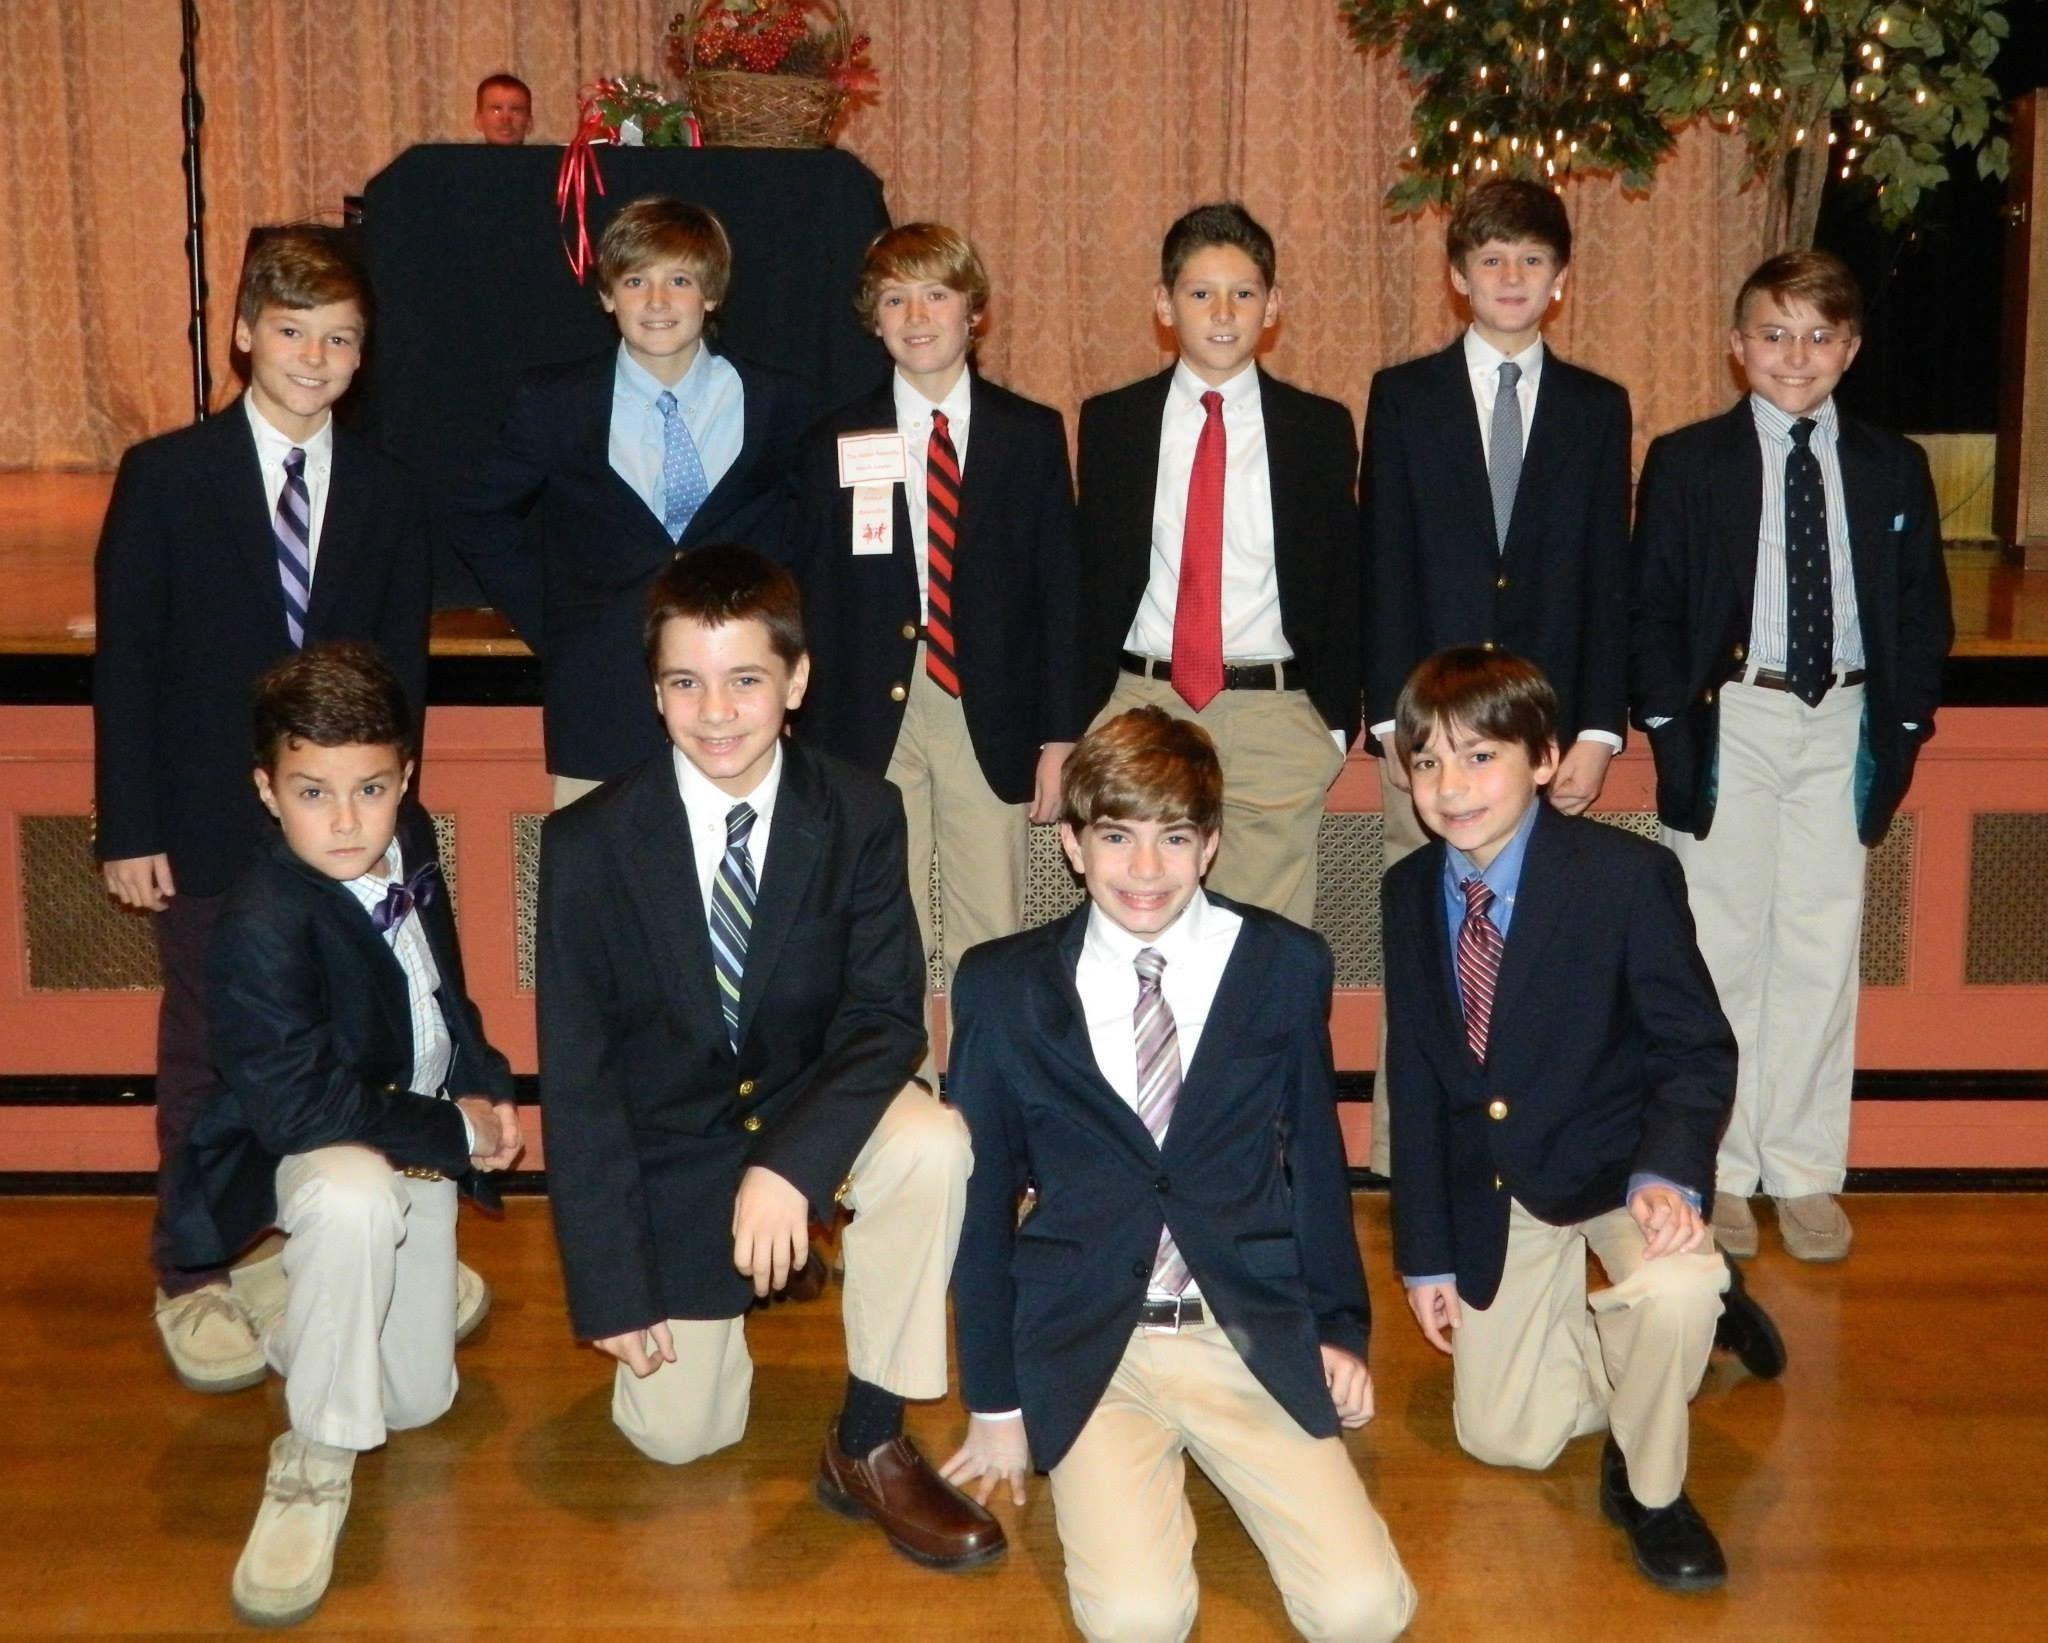 6th grade boys | Semi-Formal Attire | Pinterest